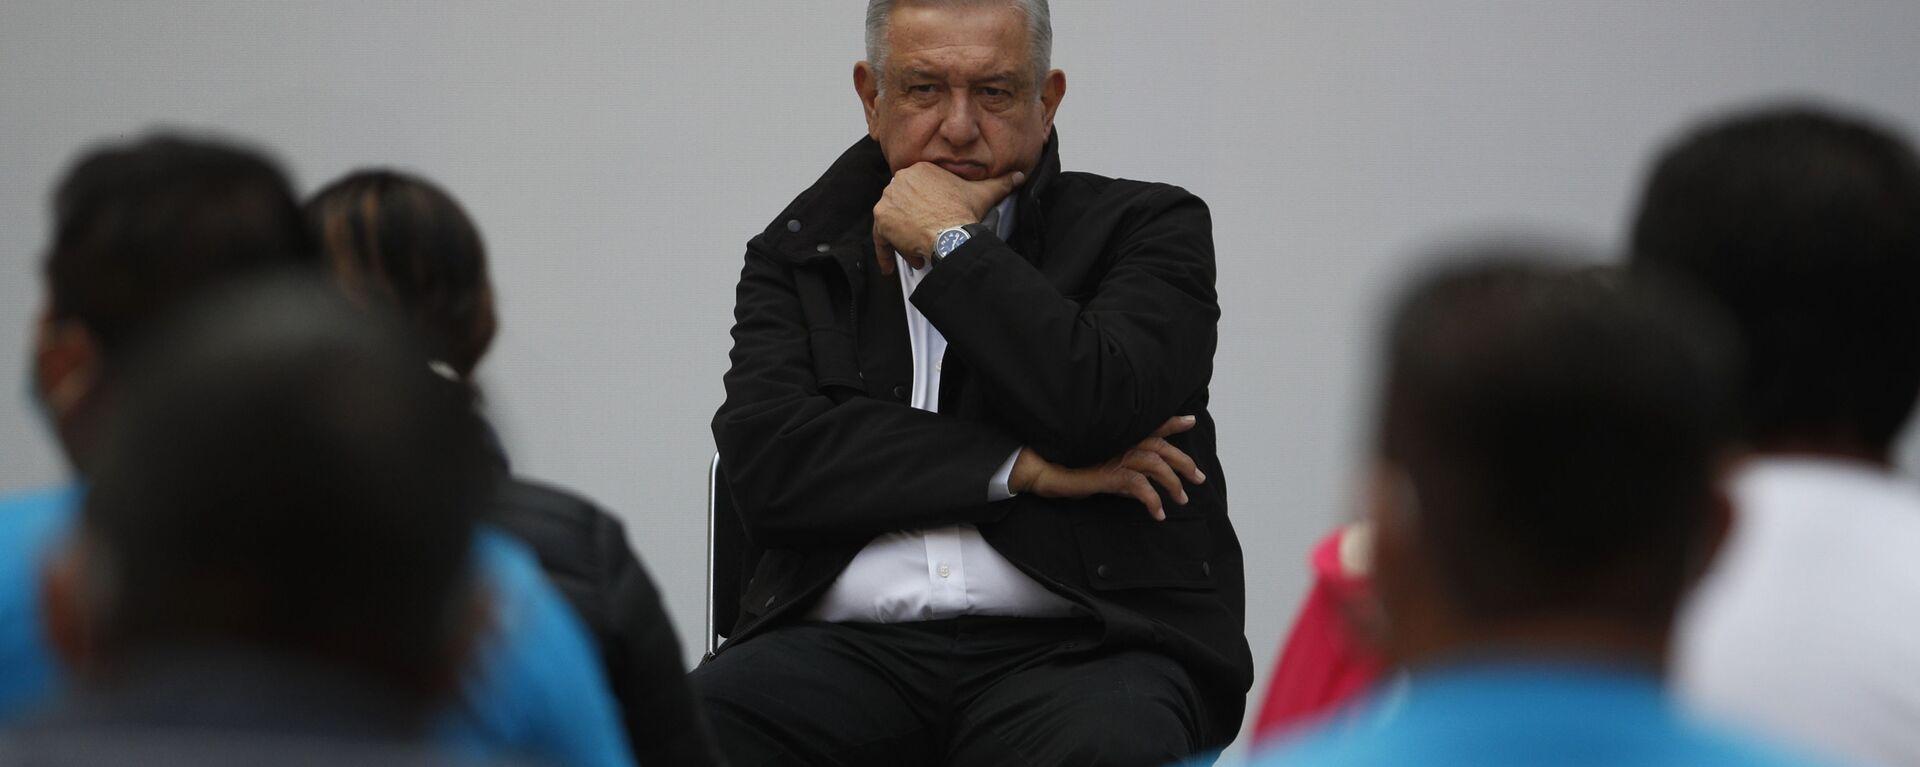 Andrés Manuel López Obrador, presidente de México, durante su encuentro con los familiares de los de los 43 estudiantes de Ayotzinapa, en el Palacio Nacional, el 26 de septiembre de 2020 - Sputnik Mundo, 1920, 30.08.2021